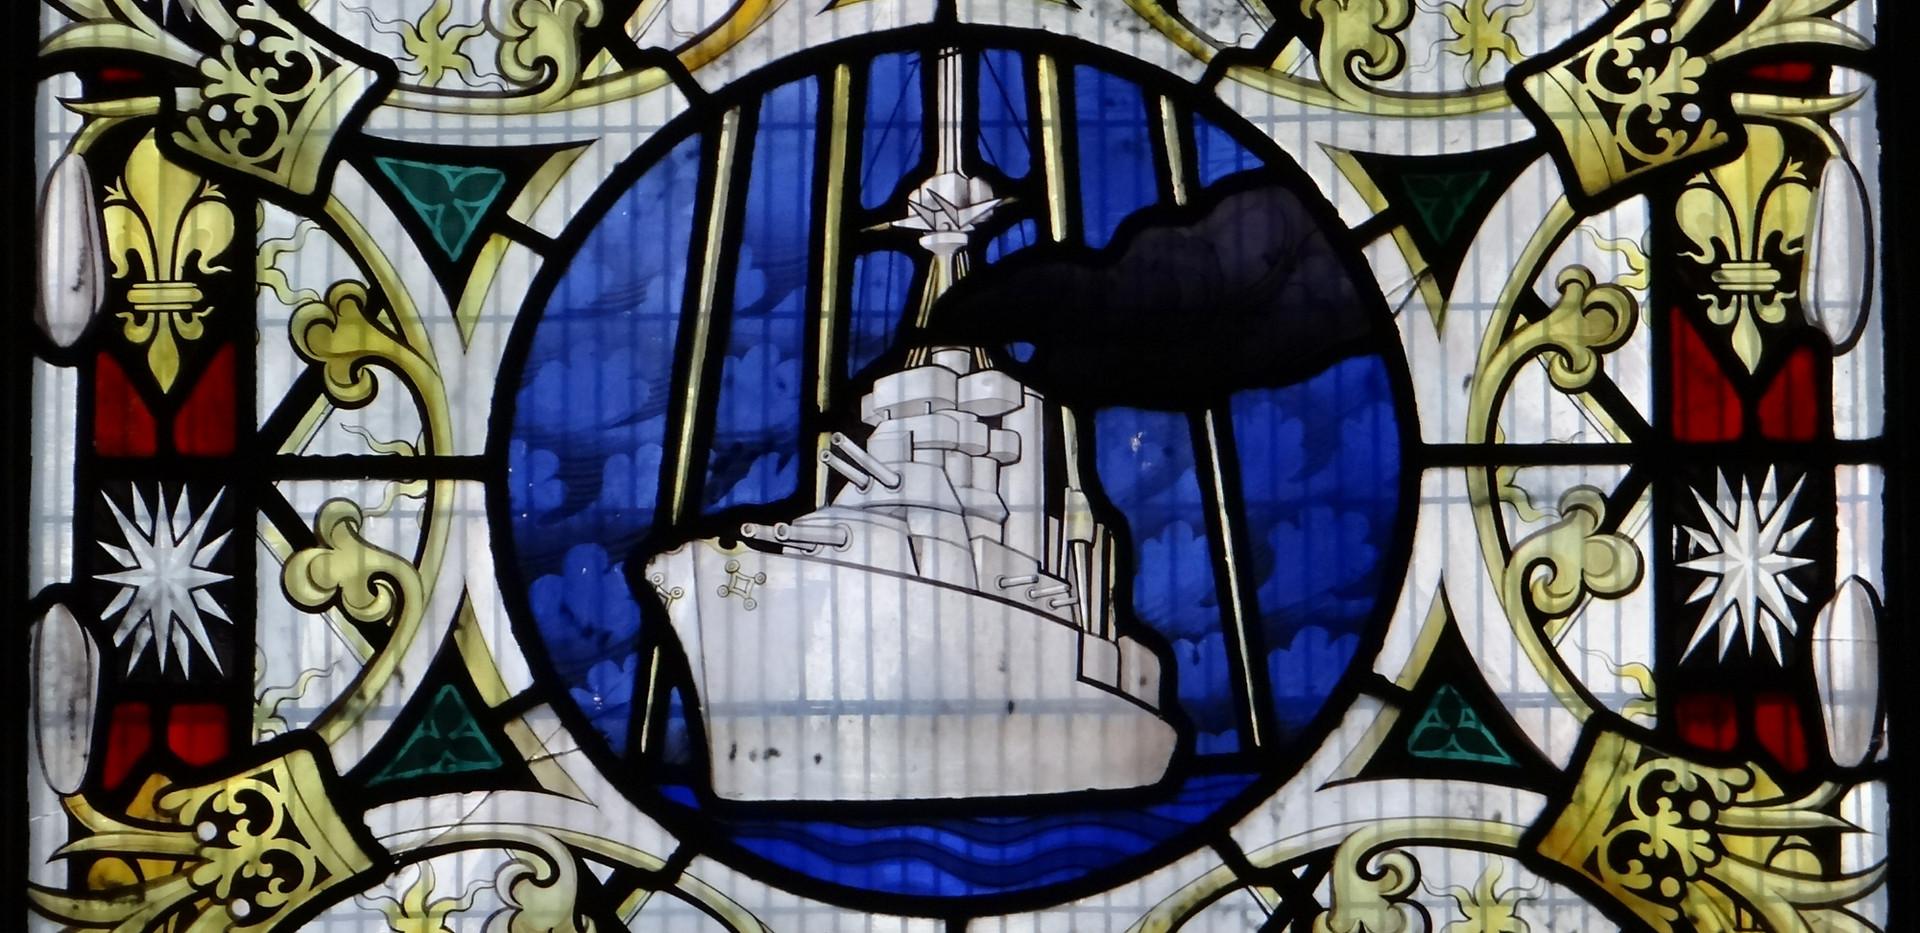 1 of 3 WW1 memorial SW Baptistery Chapel windows by Geoffrey Webb